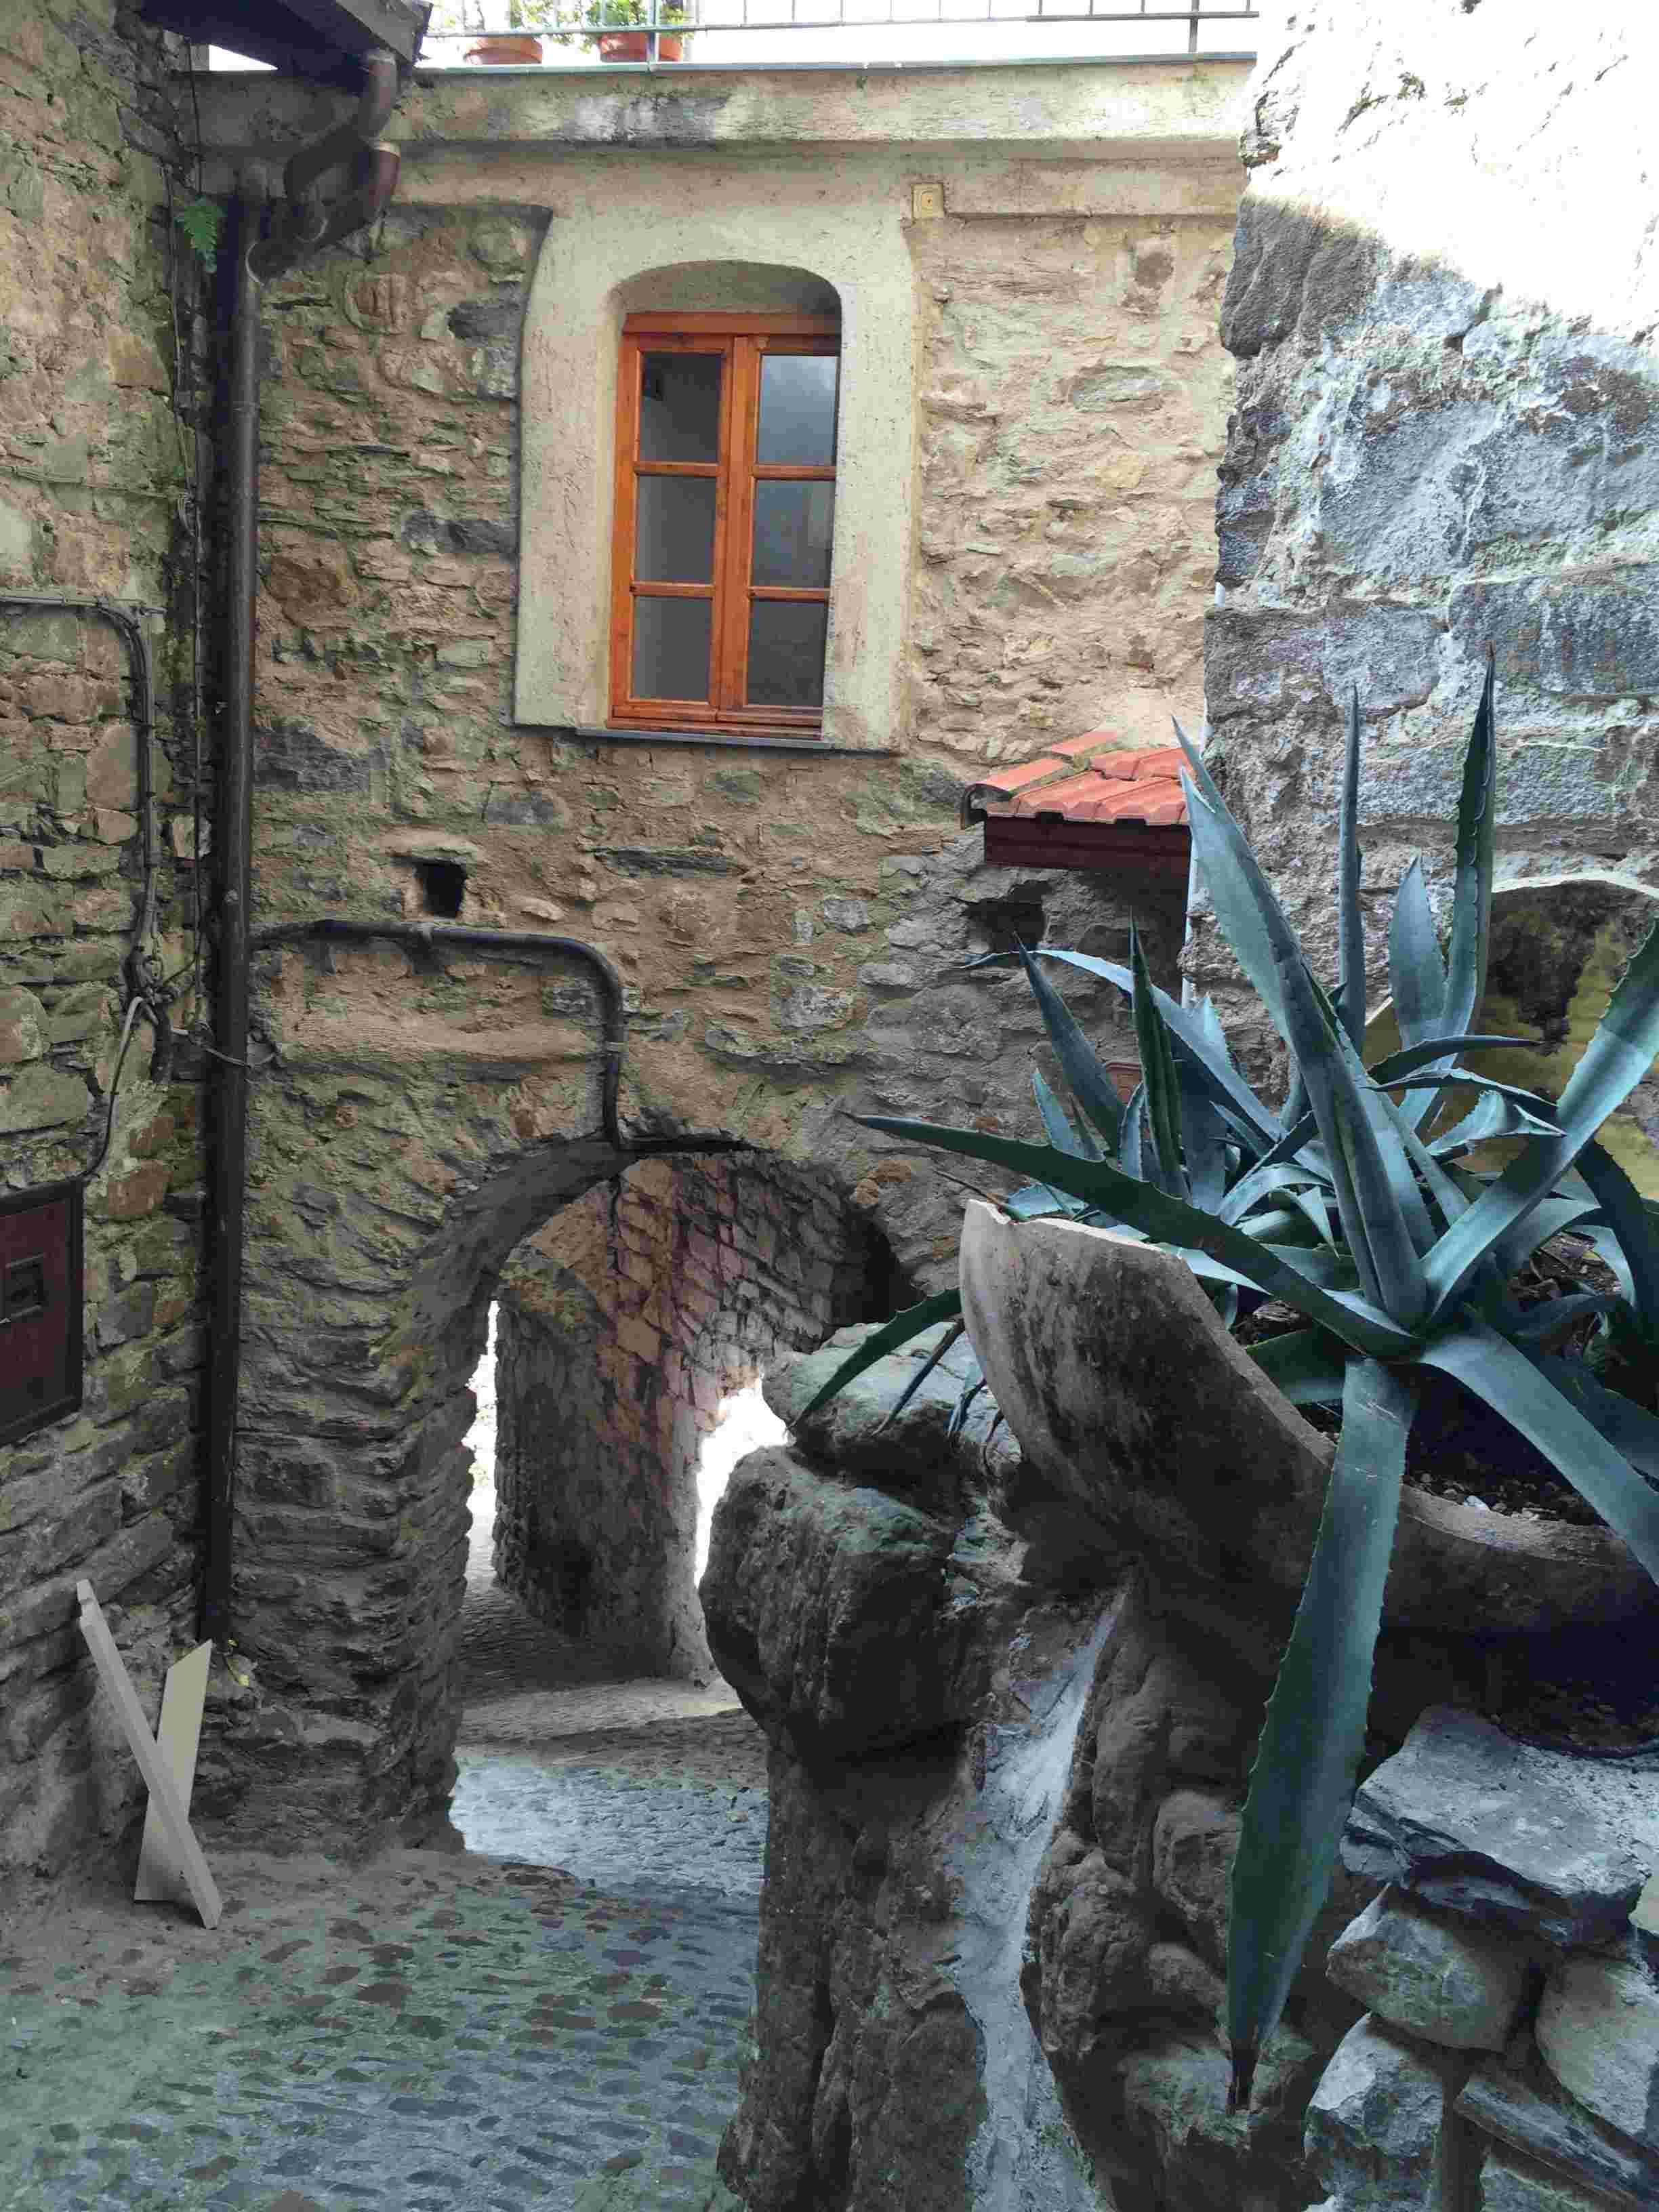 Apricale, le plus beau village d'Italie Aprica38